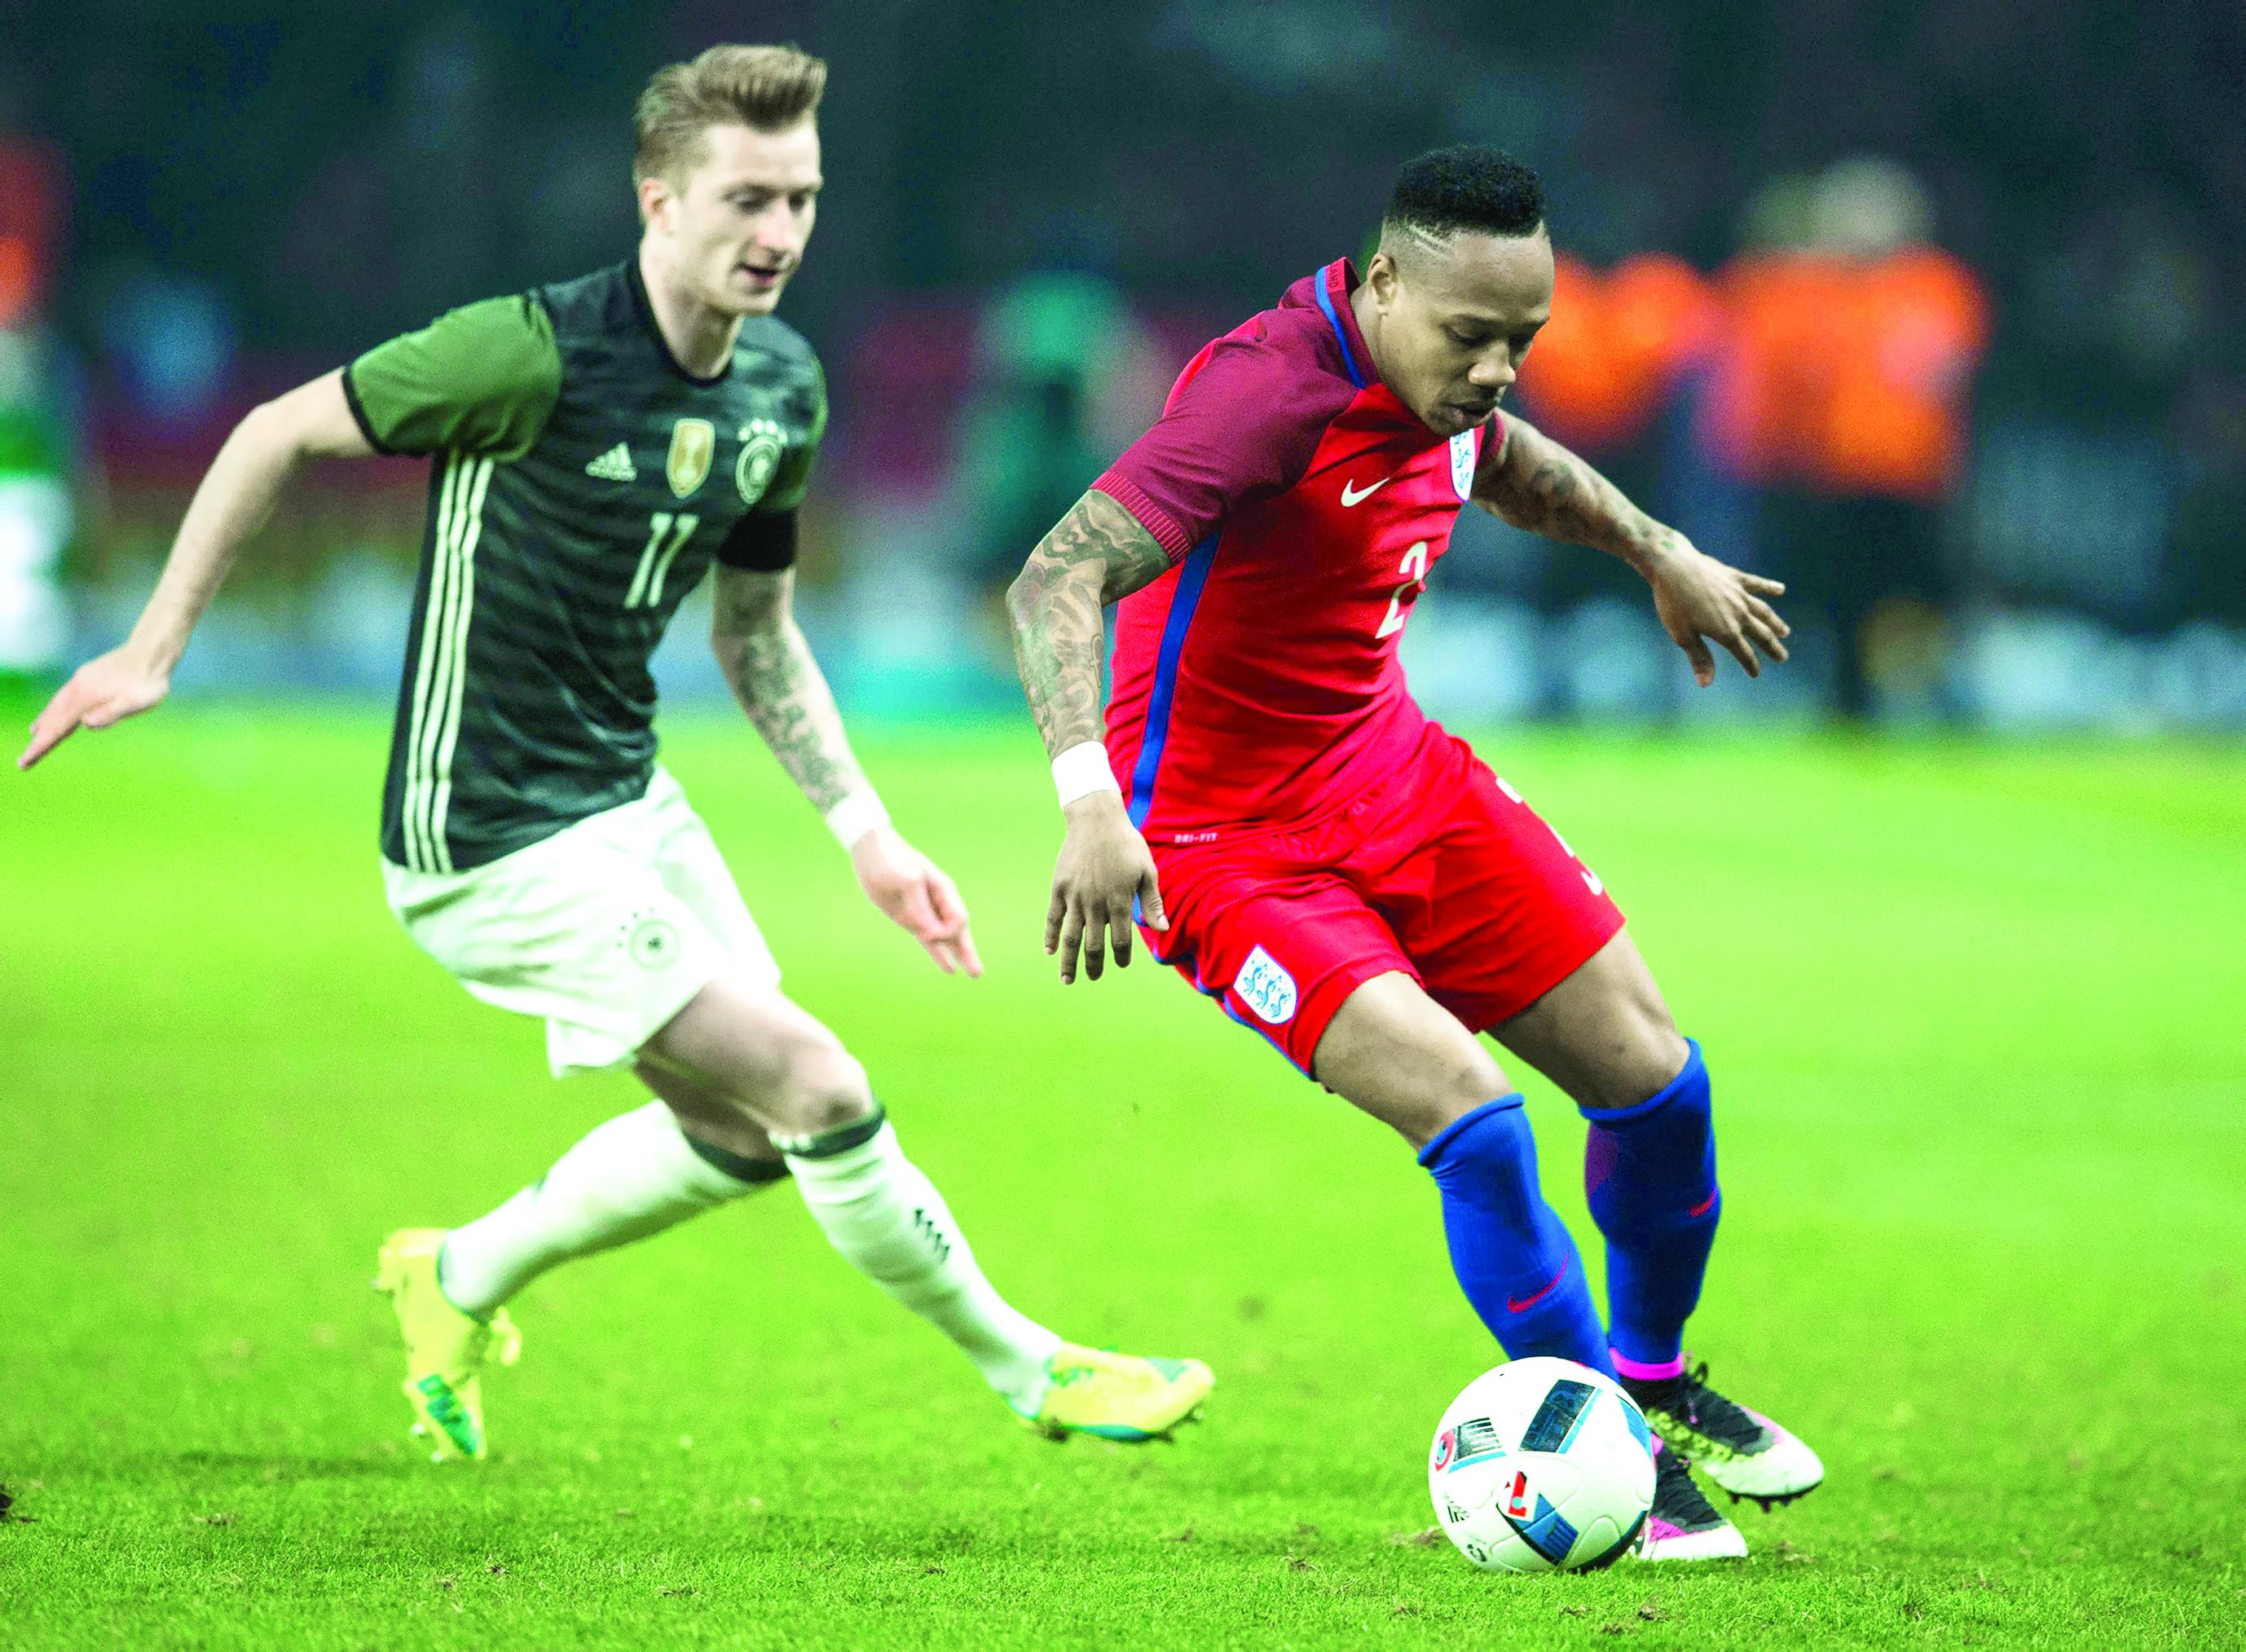 إنجلترا تحول تأخرها أمام ألمانيا إلى فوز مثير